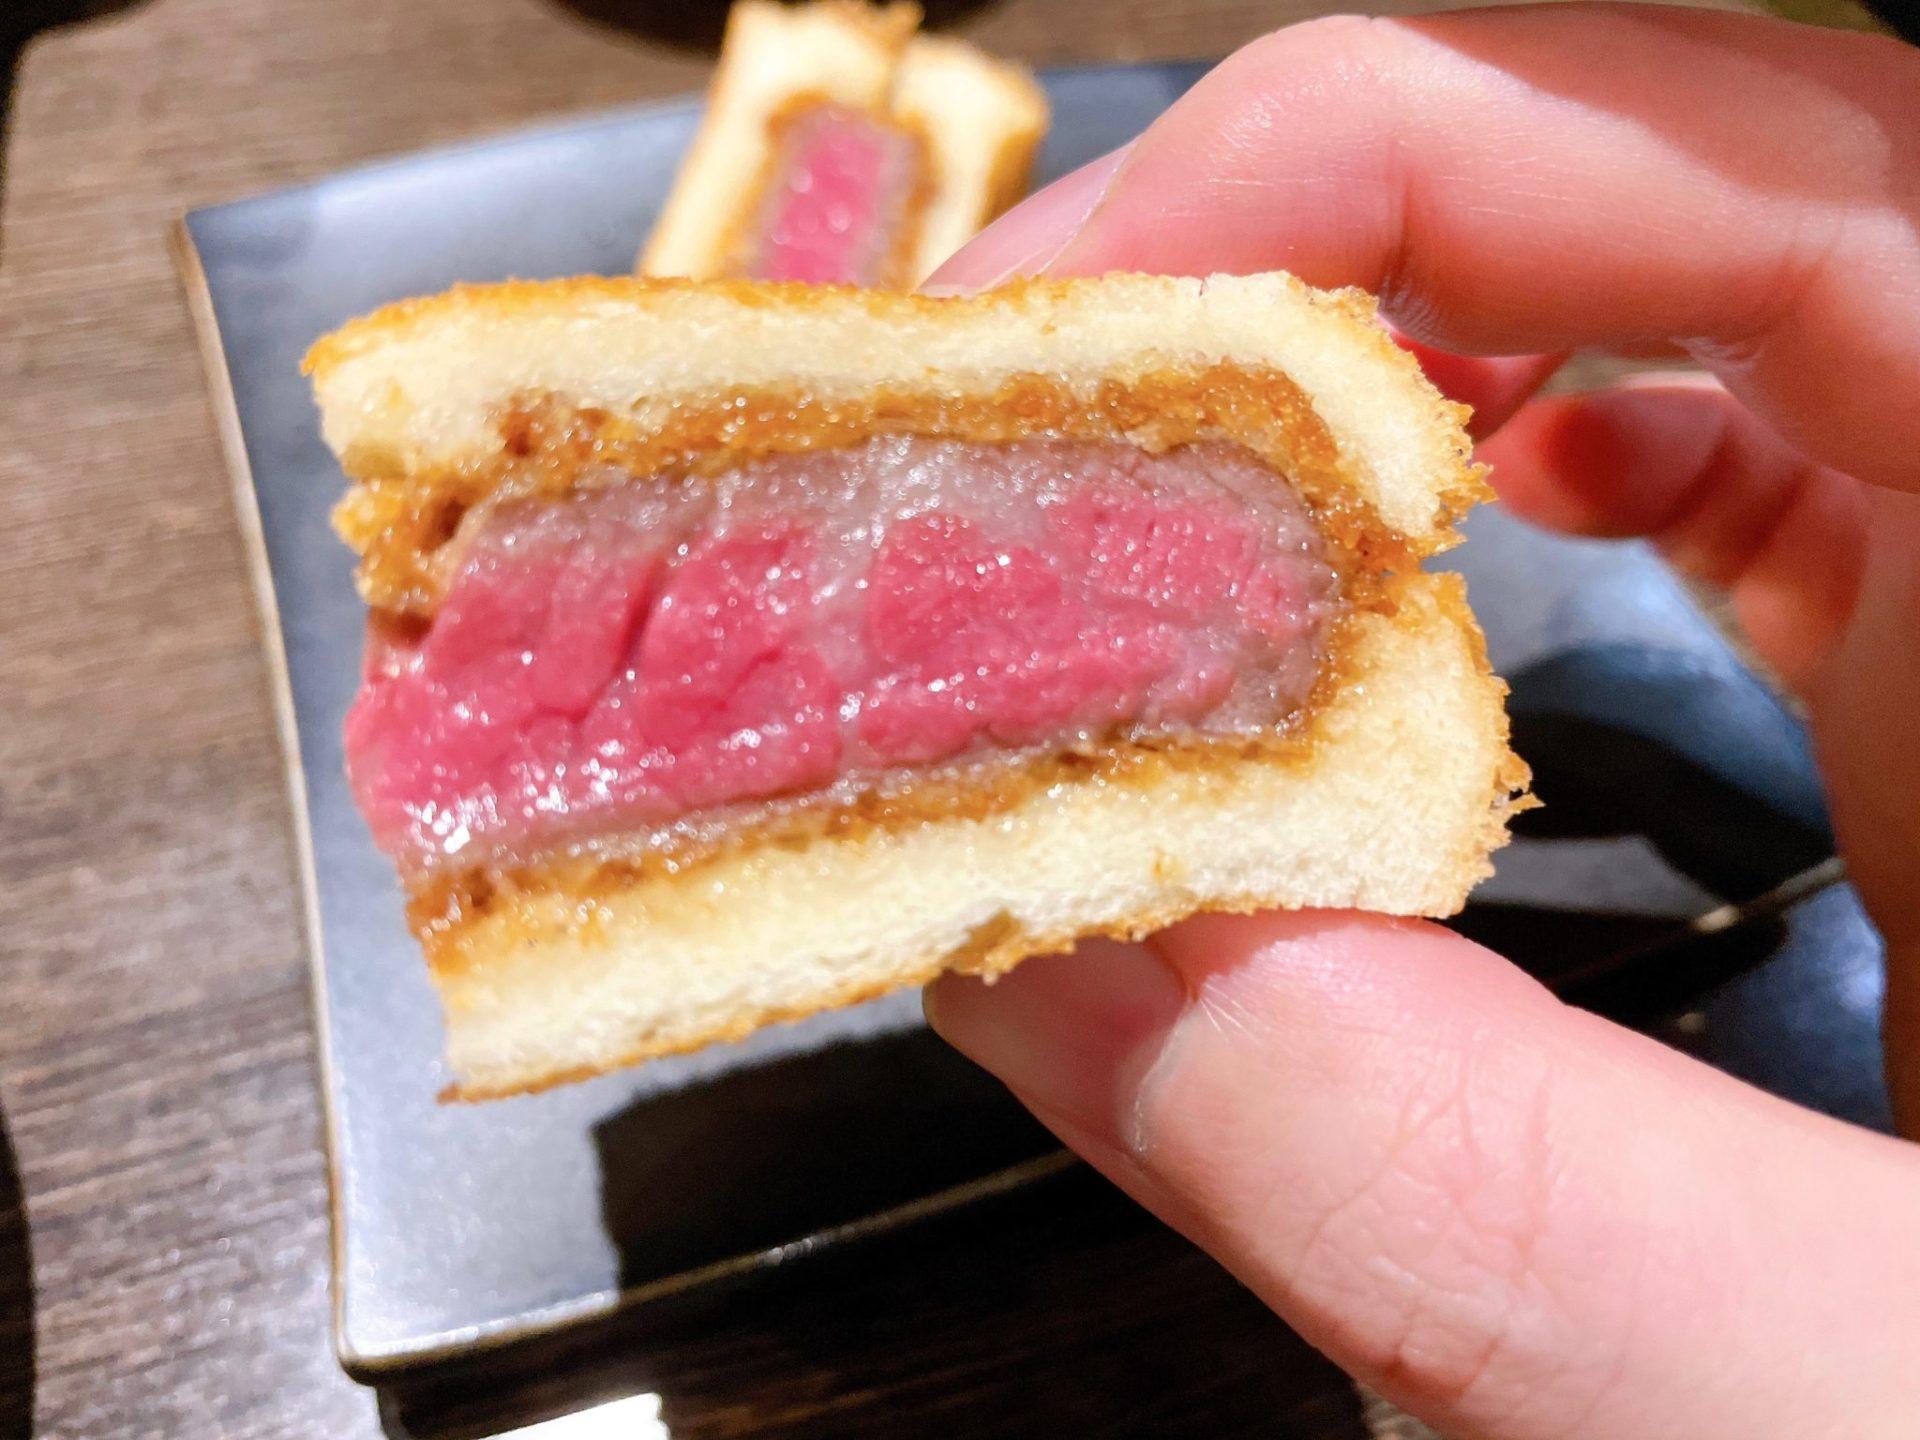 焼肉芝浦 駒沢本店の牛カツサンド